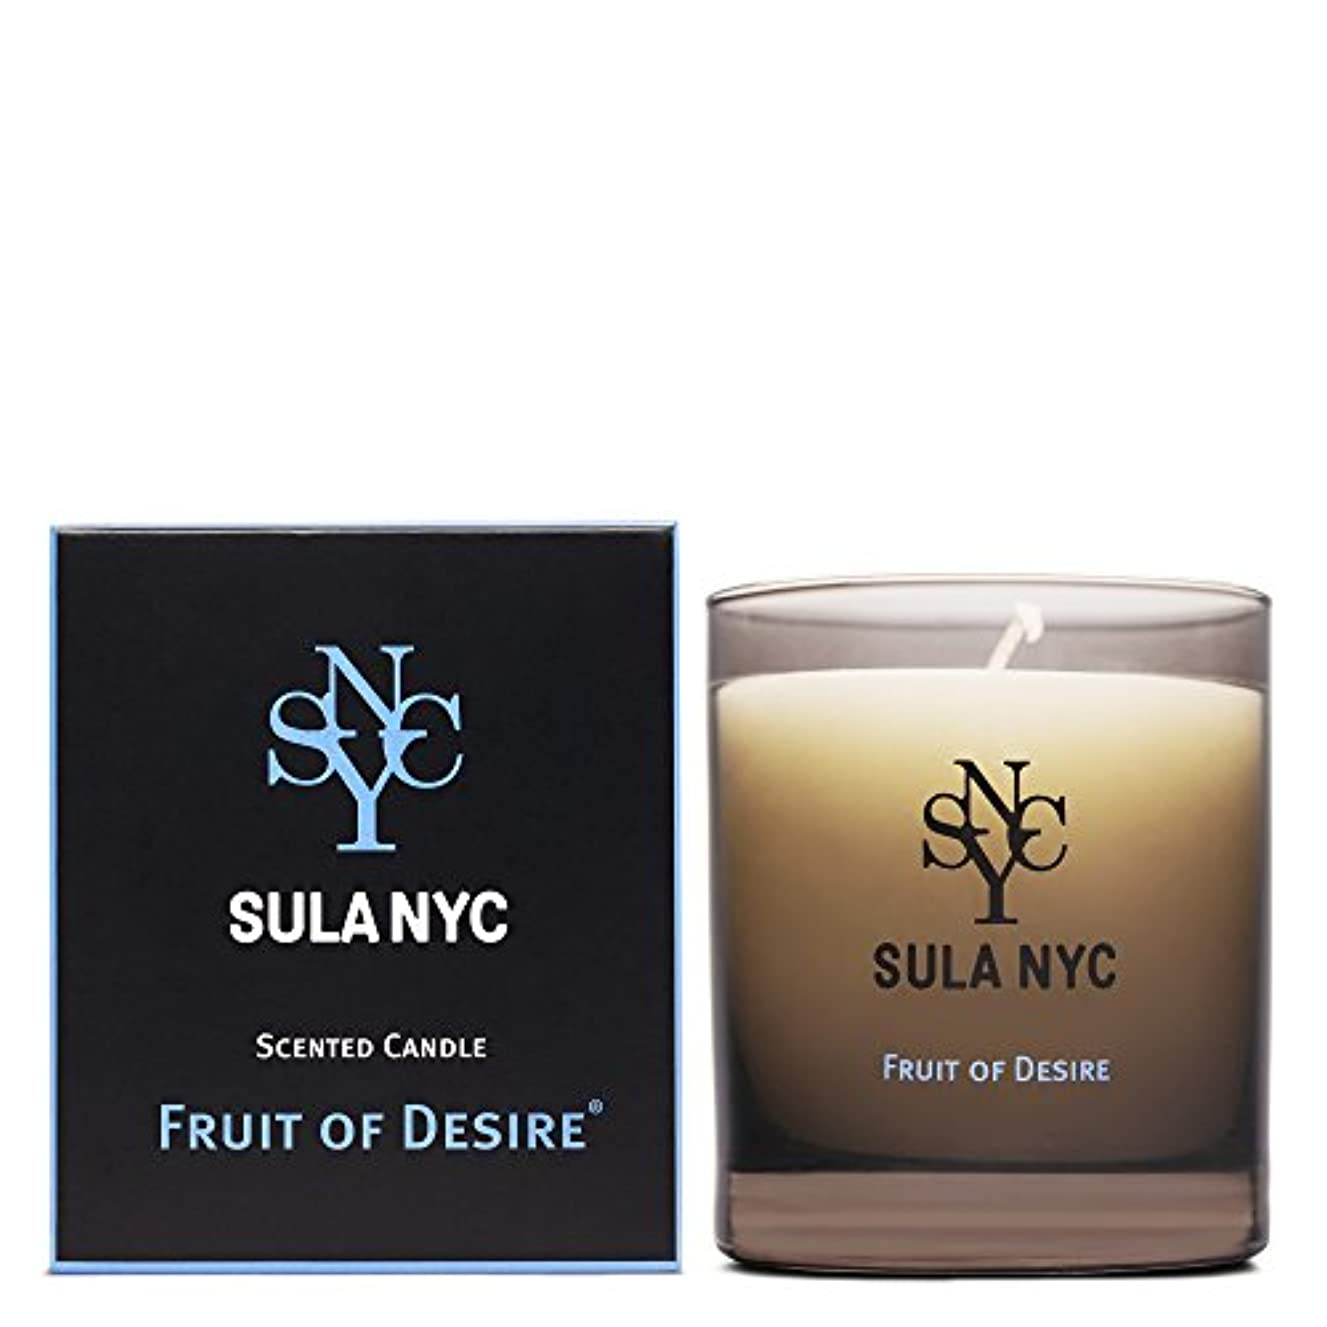 エキスパート王室愛国的なSULA NYC SCENTED CANDLE FRIT OF DESIRE スーラNYC センティッドキャンドル フルーツ?オブ?ディザイアー